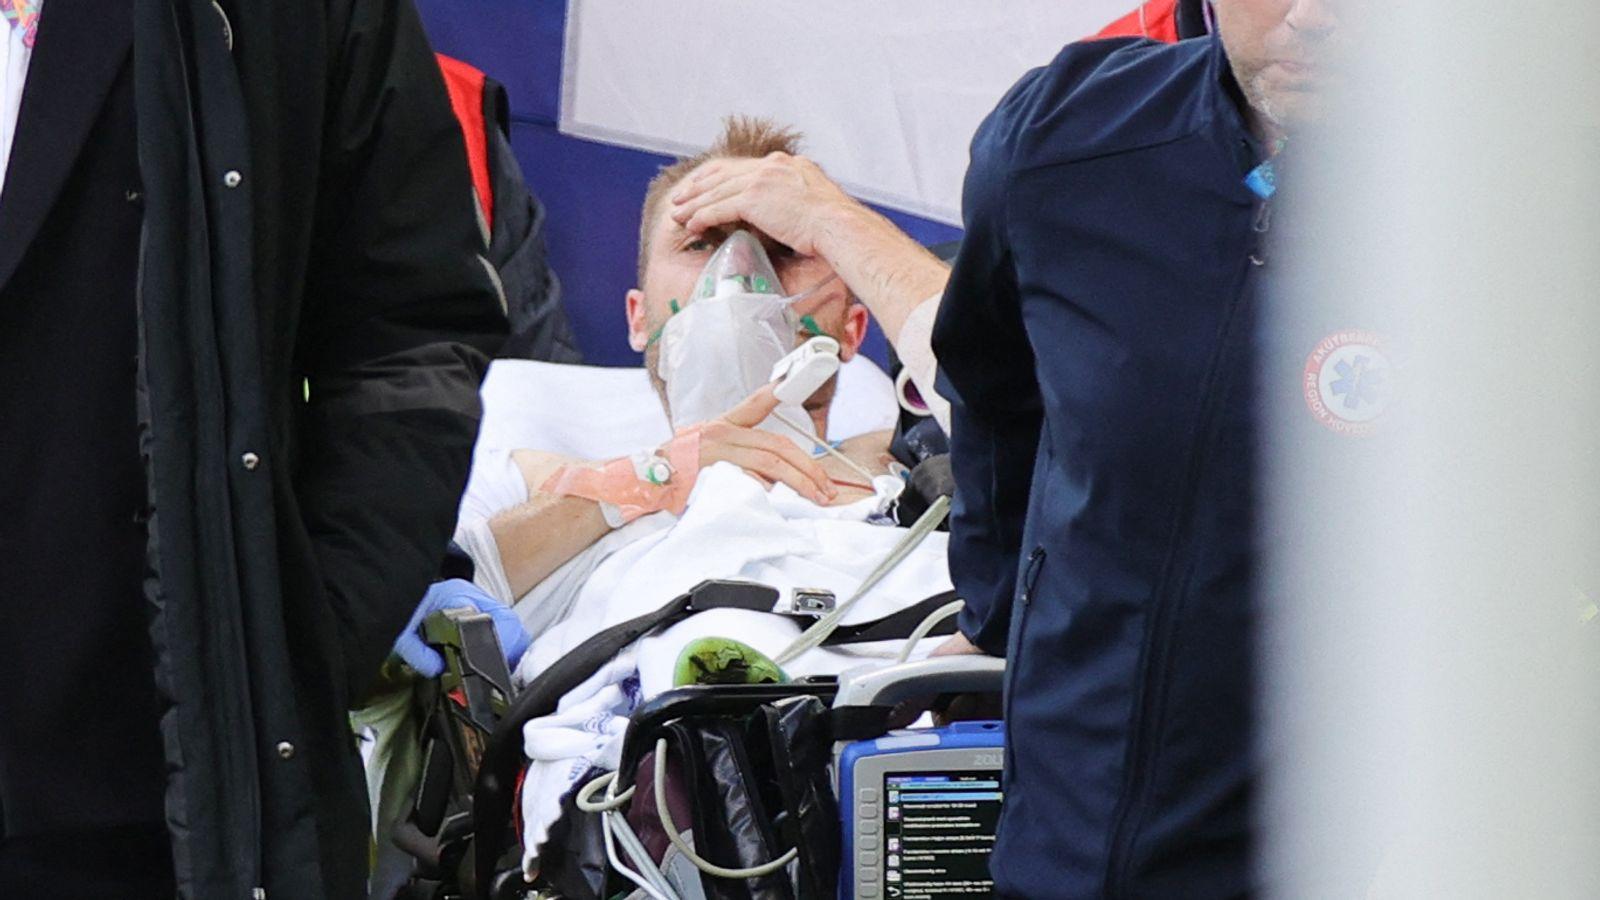 Denmark Captain Simon Kjaer Hailed A Hero For 'Life-Saving' Response To Christian Eriksen Collapse